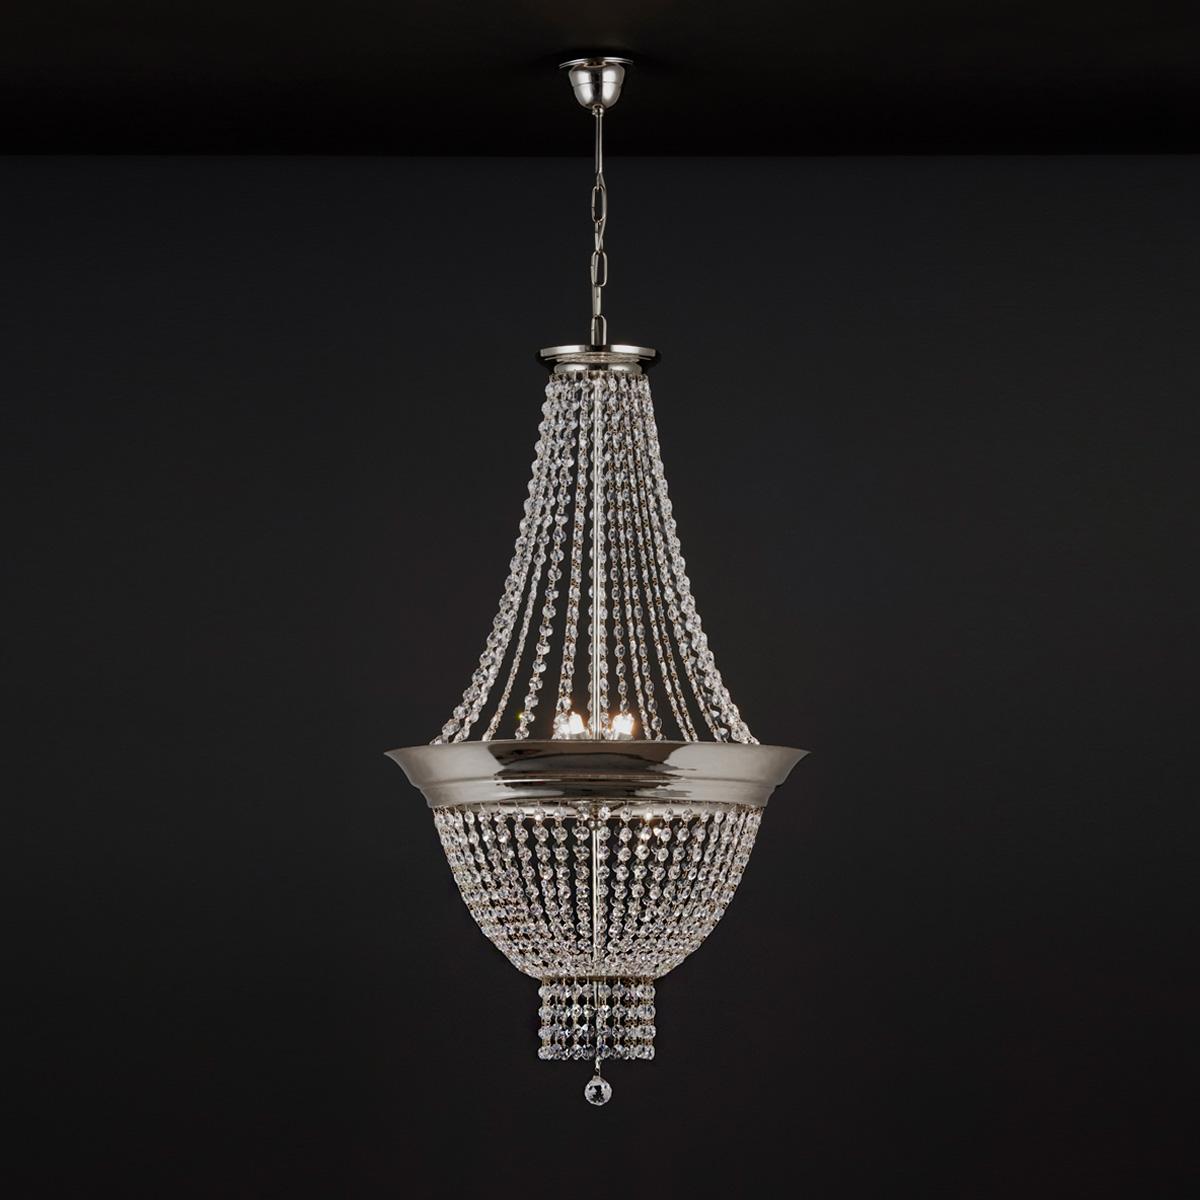 Φωτιστικό με κρύσταλλα ΦΑΙΔΡΑ suspension lamp with crystal accents